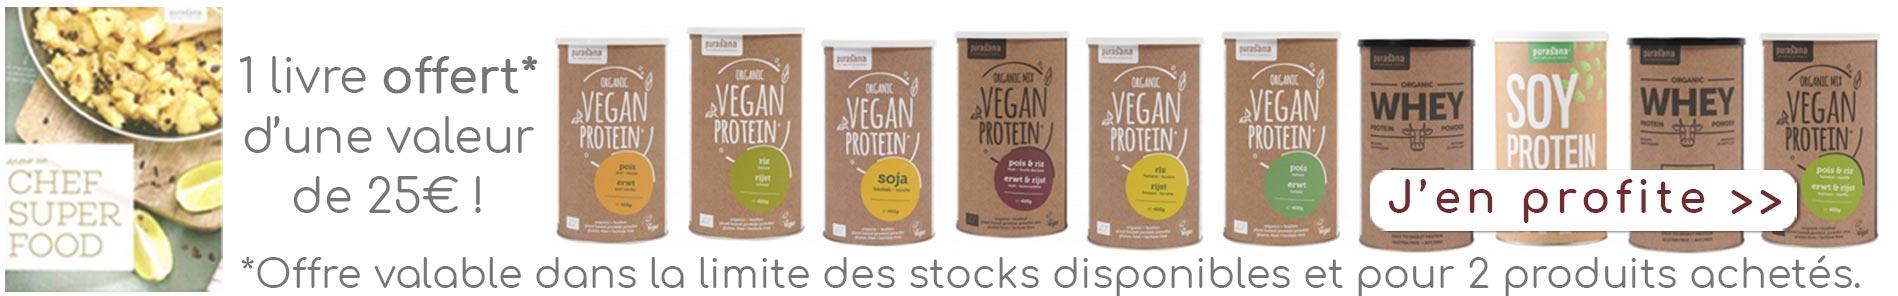 Protéines végétales vegan Purasana